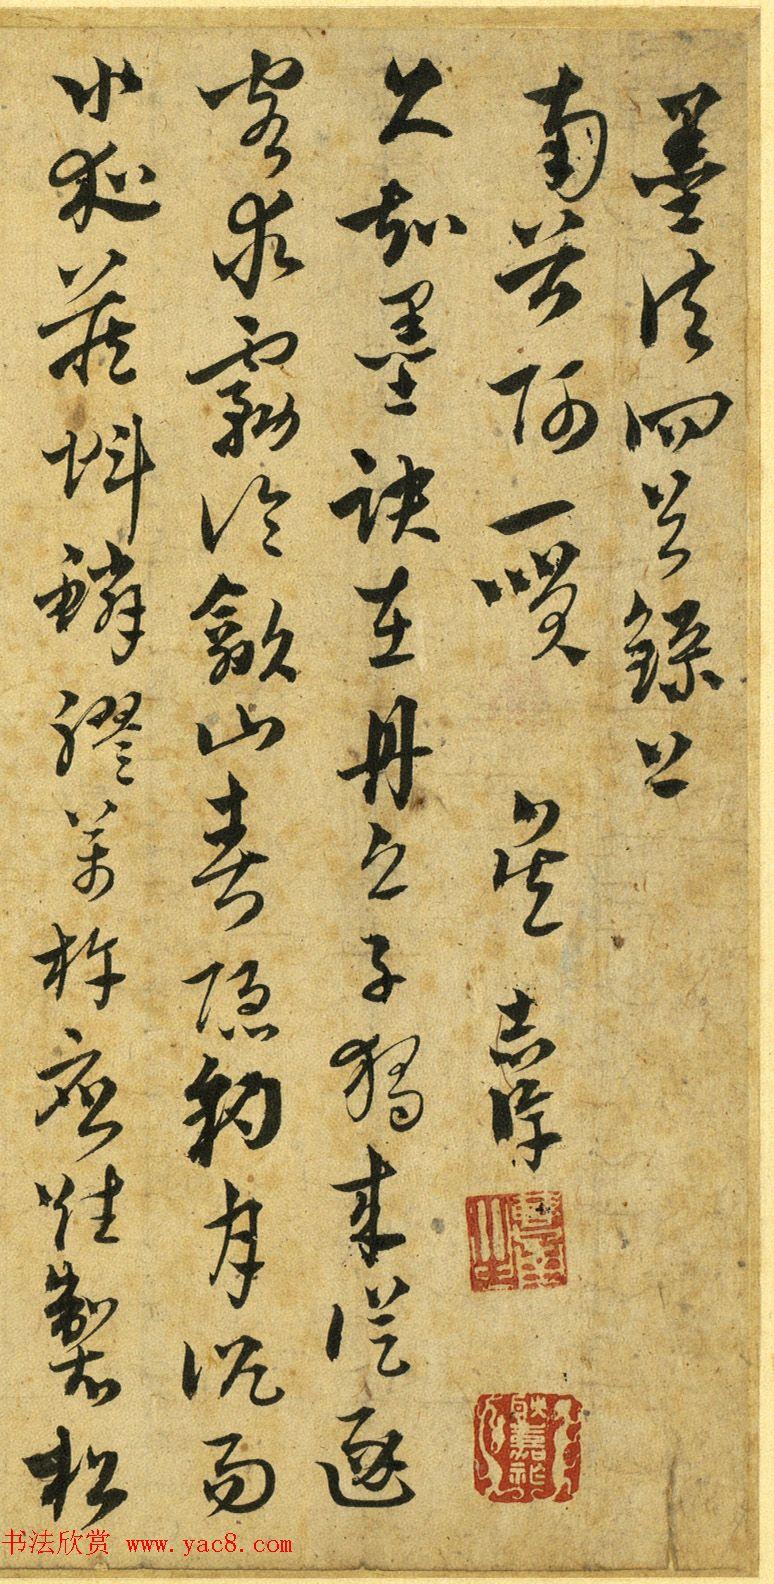 元代吴志淳草书欣赏《墨法四首》